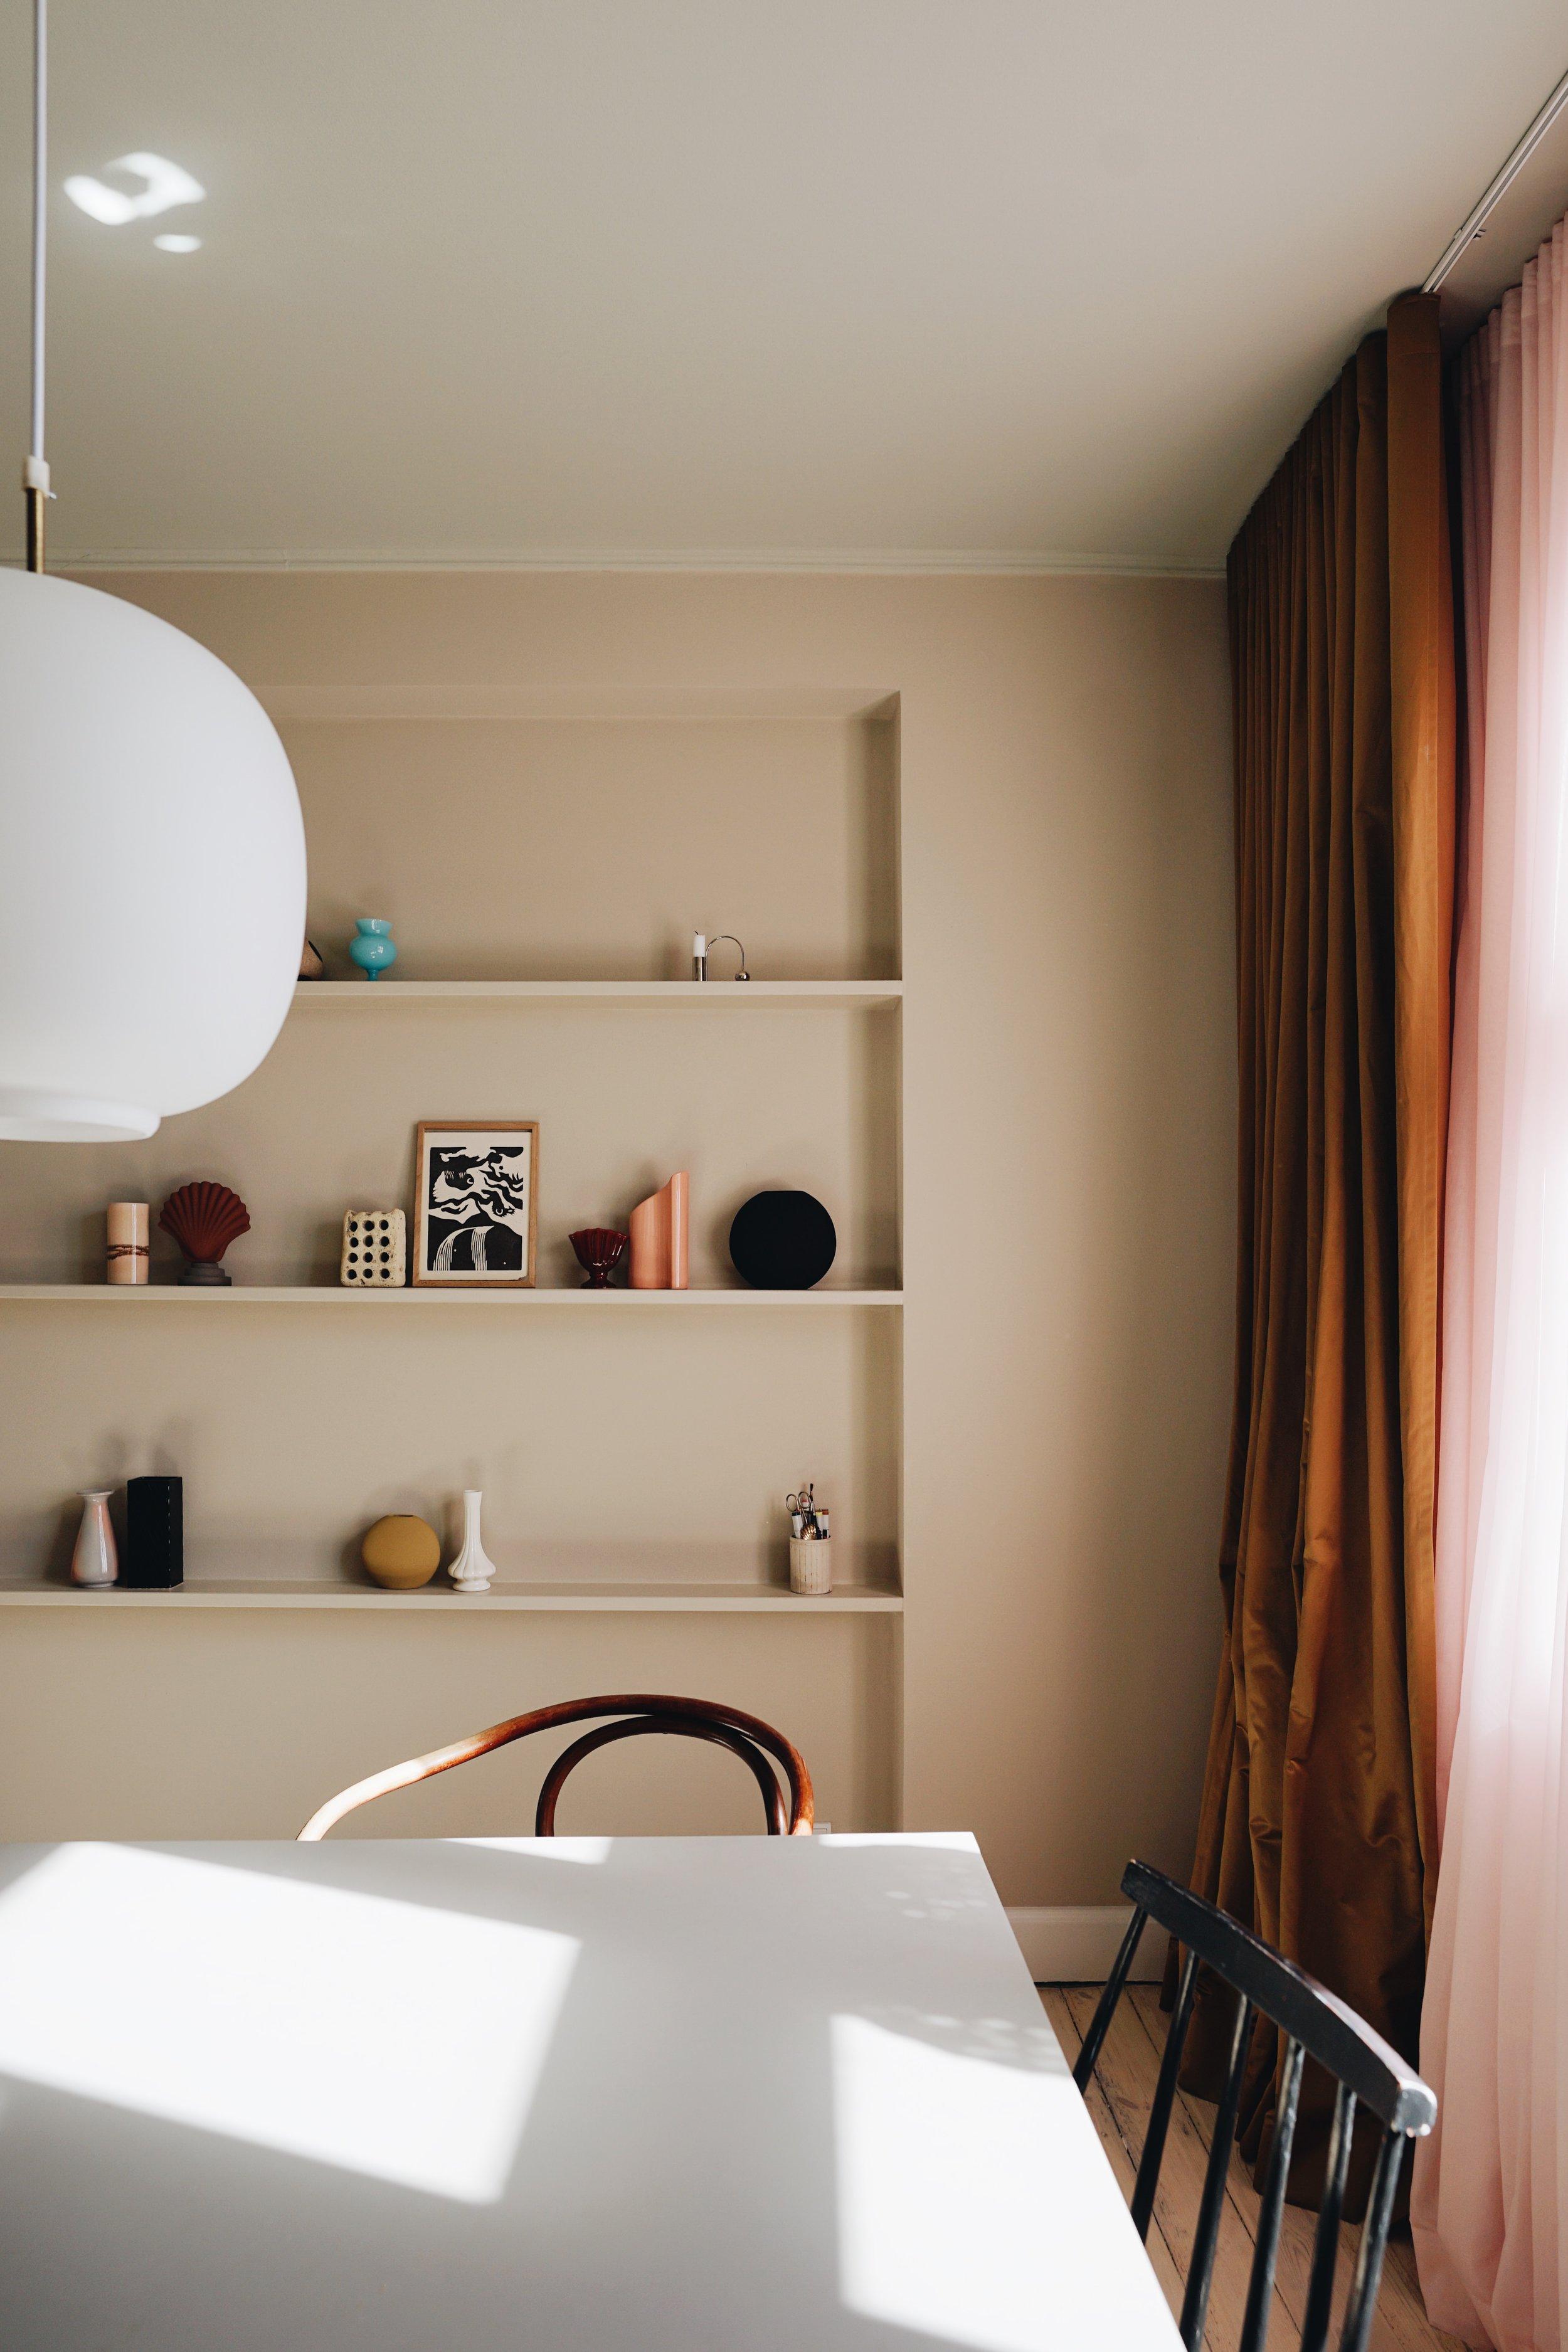 ASROSENVINGE_Arne Aksel_Curtains_Frederiksberg_Home-53.JPG